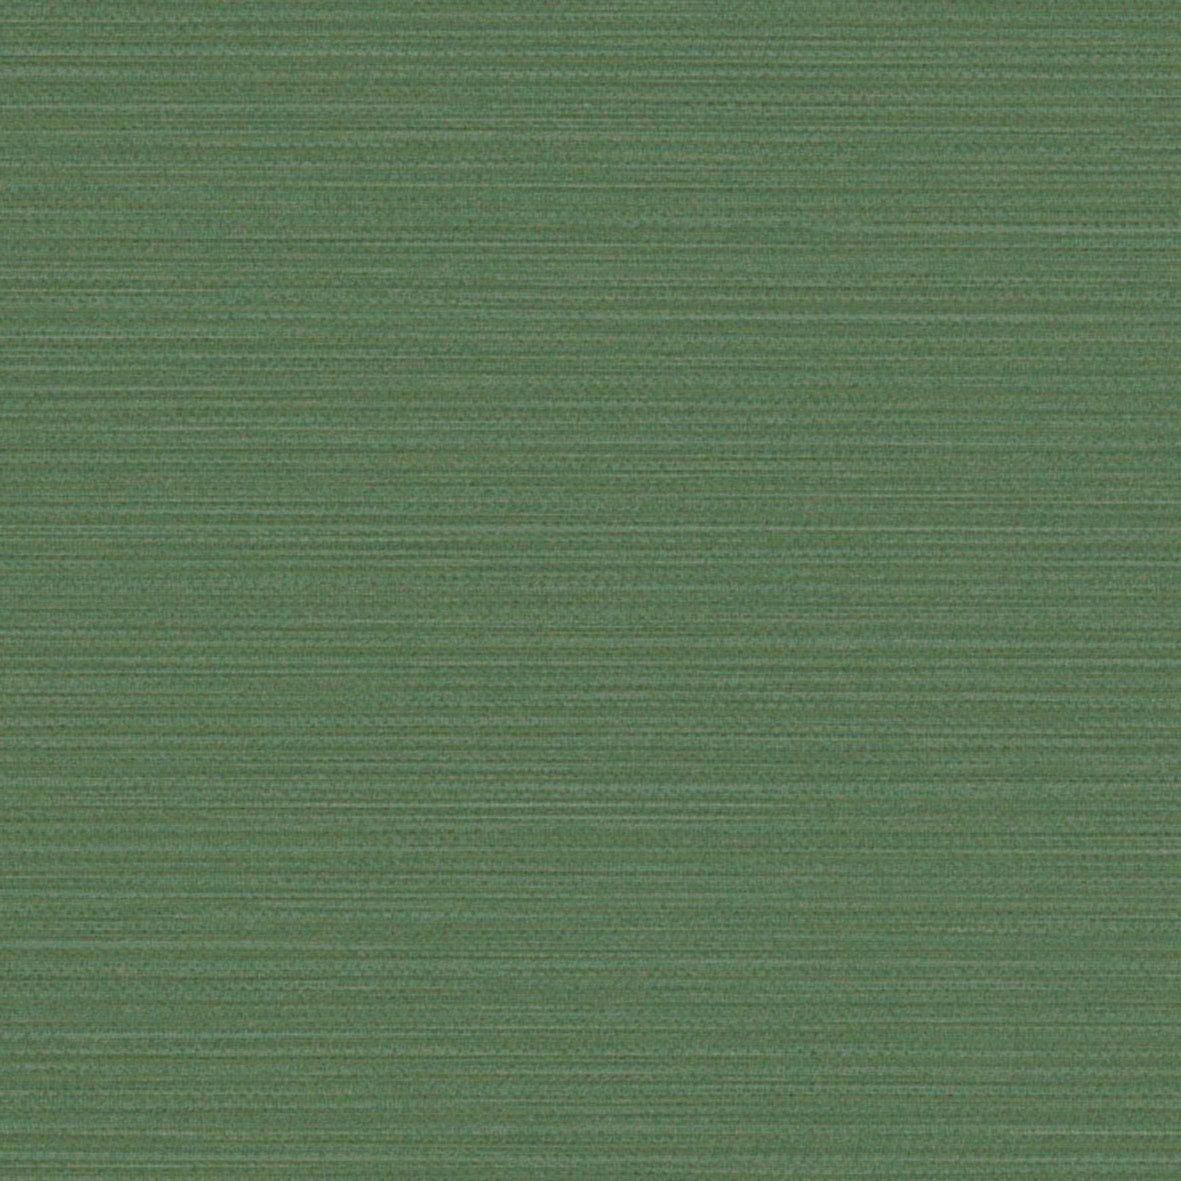 超大特価 ナチュラル 壁紙39m リリカラ 織物調 39m グリーン Bkx52 Lw 2139 Selection 消臭 撥水トップコートcomfort グリーン 壁紙 Jurnal Ulb Ac Id